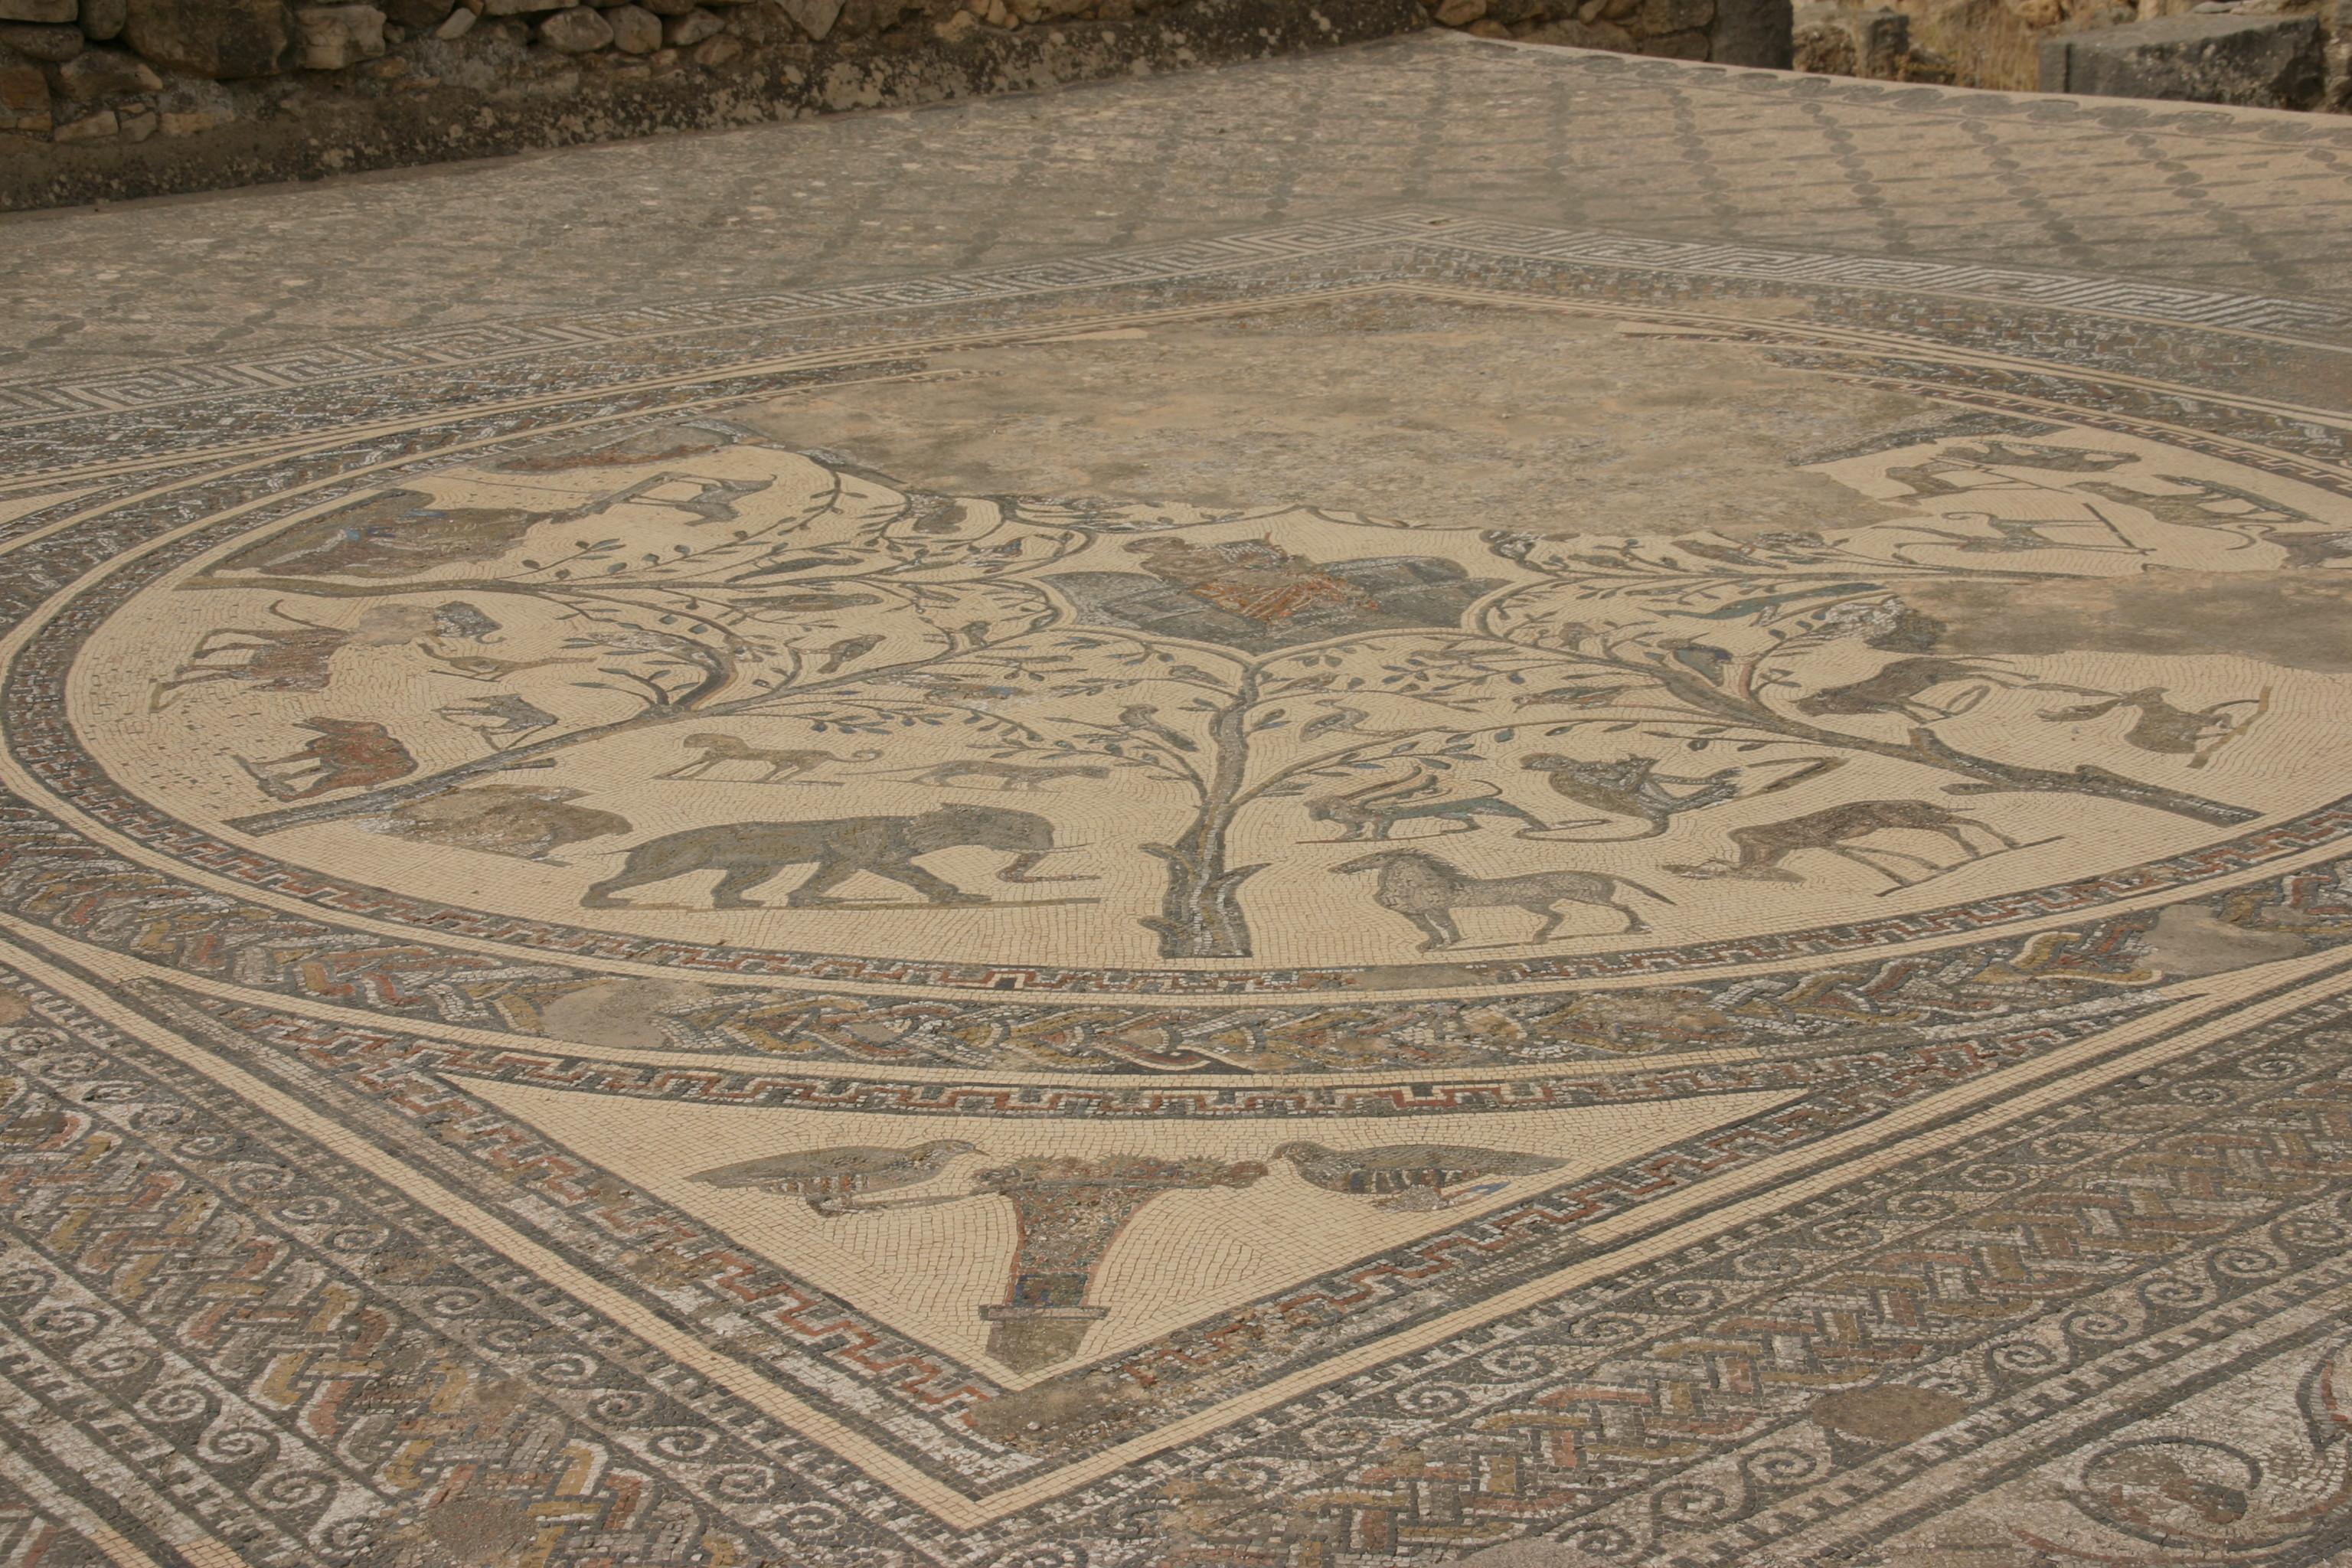 A római kori Volubilis az ország legjobban megmaradt romvárosa, a fekete afrikai területeket Európával összekötő karavánútvonal fontos állomásaként gazdagodott meg, majd a gazdagságát a karavánútvonal áthelyeződésével vesztette el, és nem sokkal utána el is néptelenedett